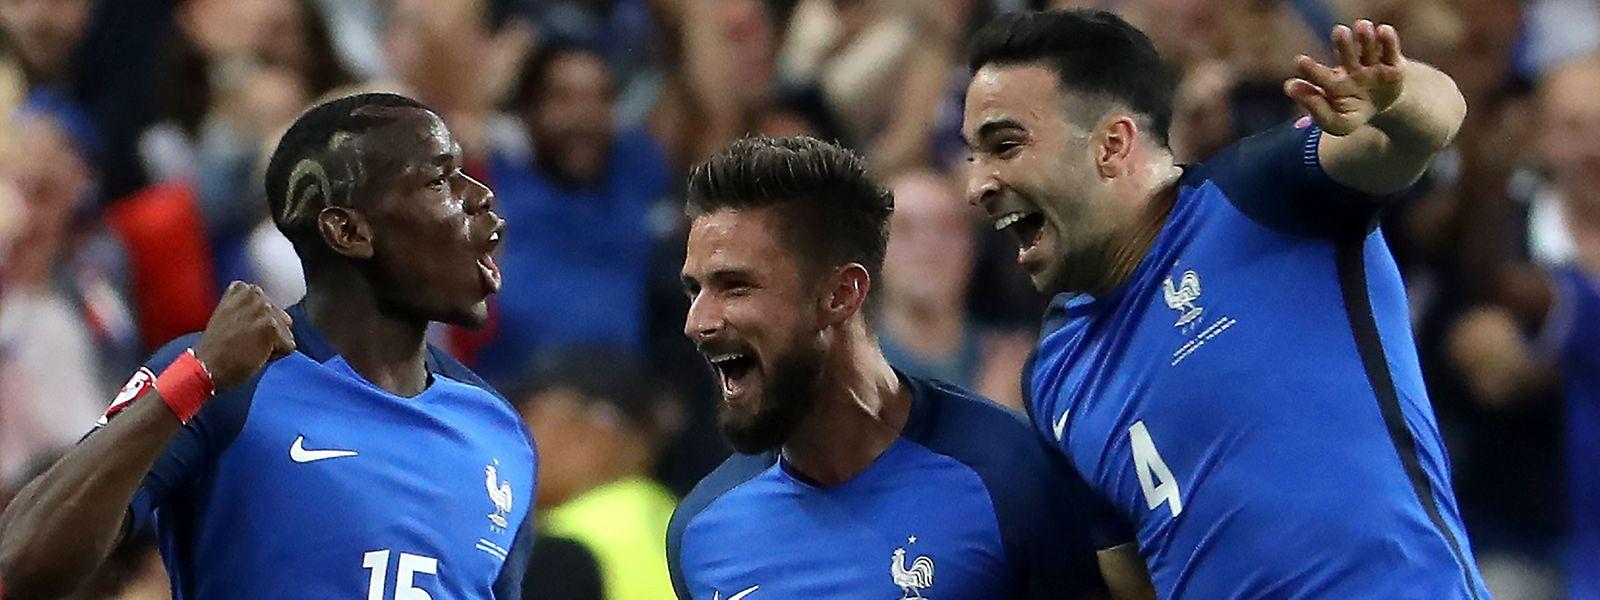 Frankreich gewinnt das Eröffnungsspiel mit 2:1 gegen Rumänien.